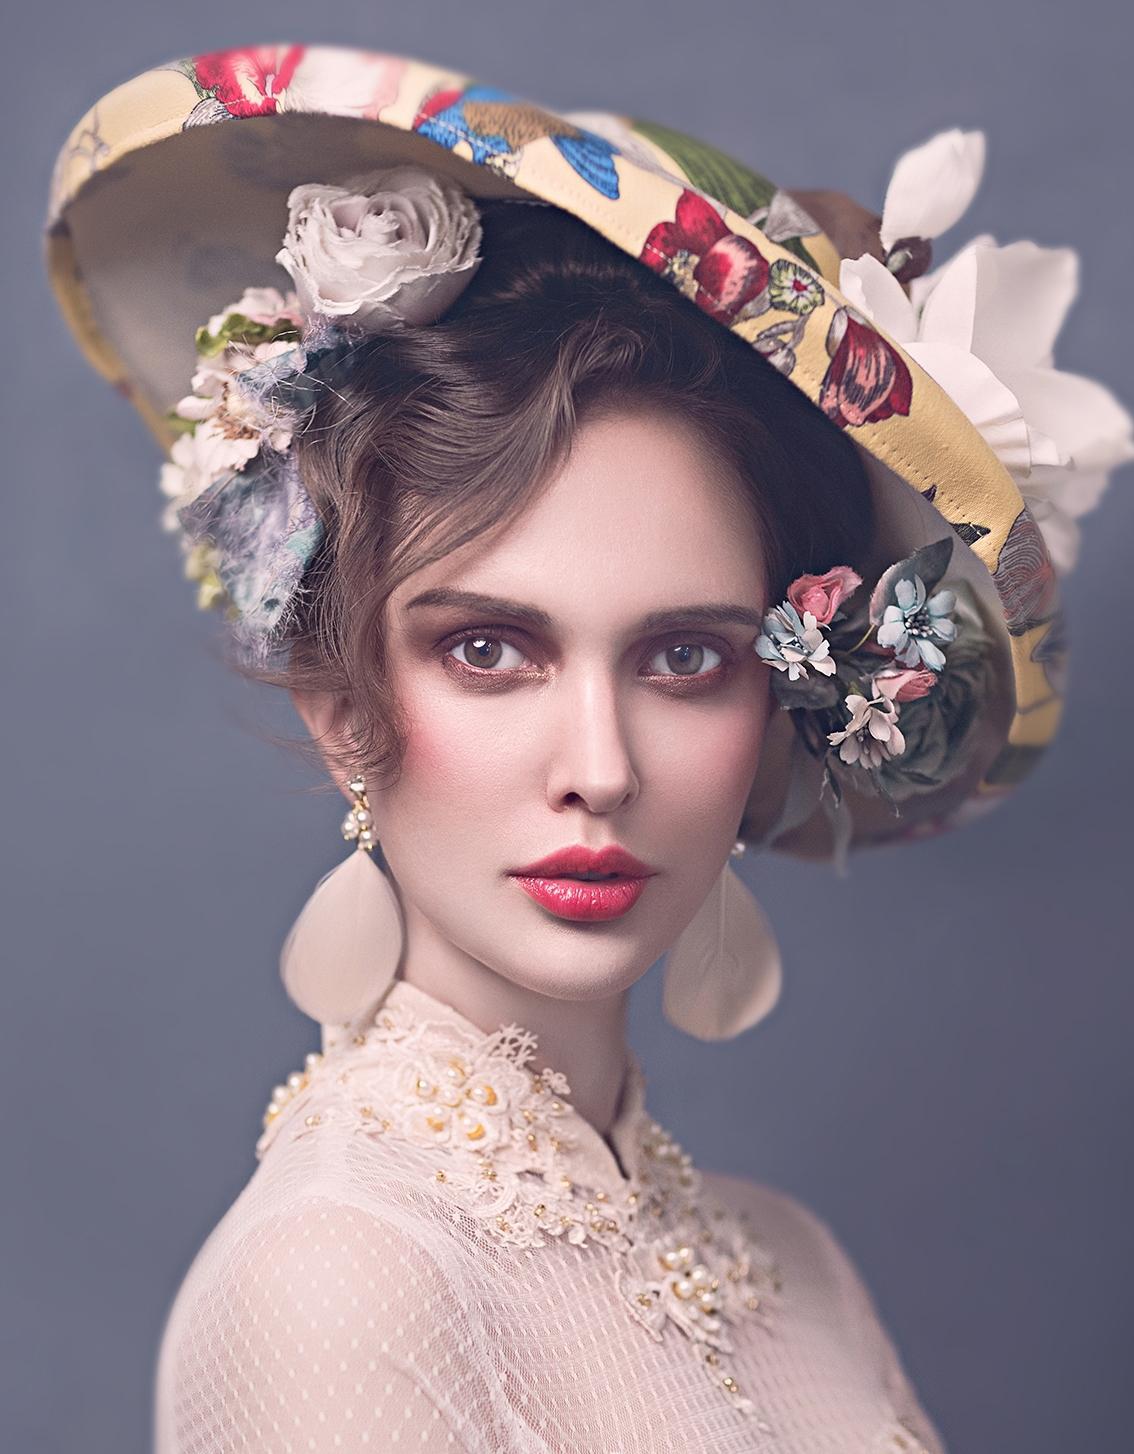 欧式复古发型,精致的妆容搭配独特的发饰,高贵冷艳